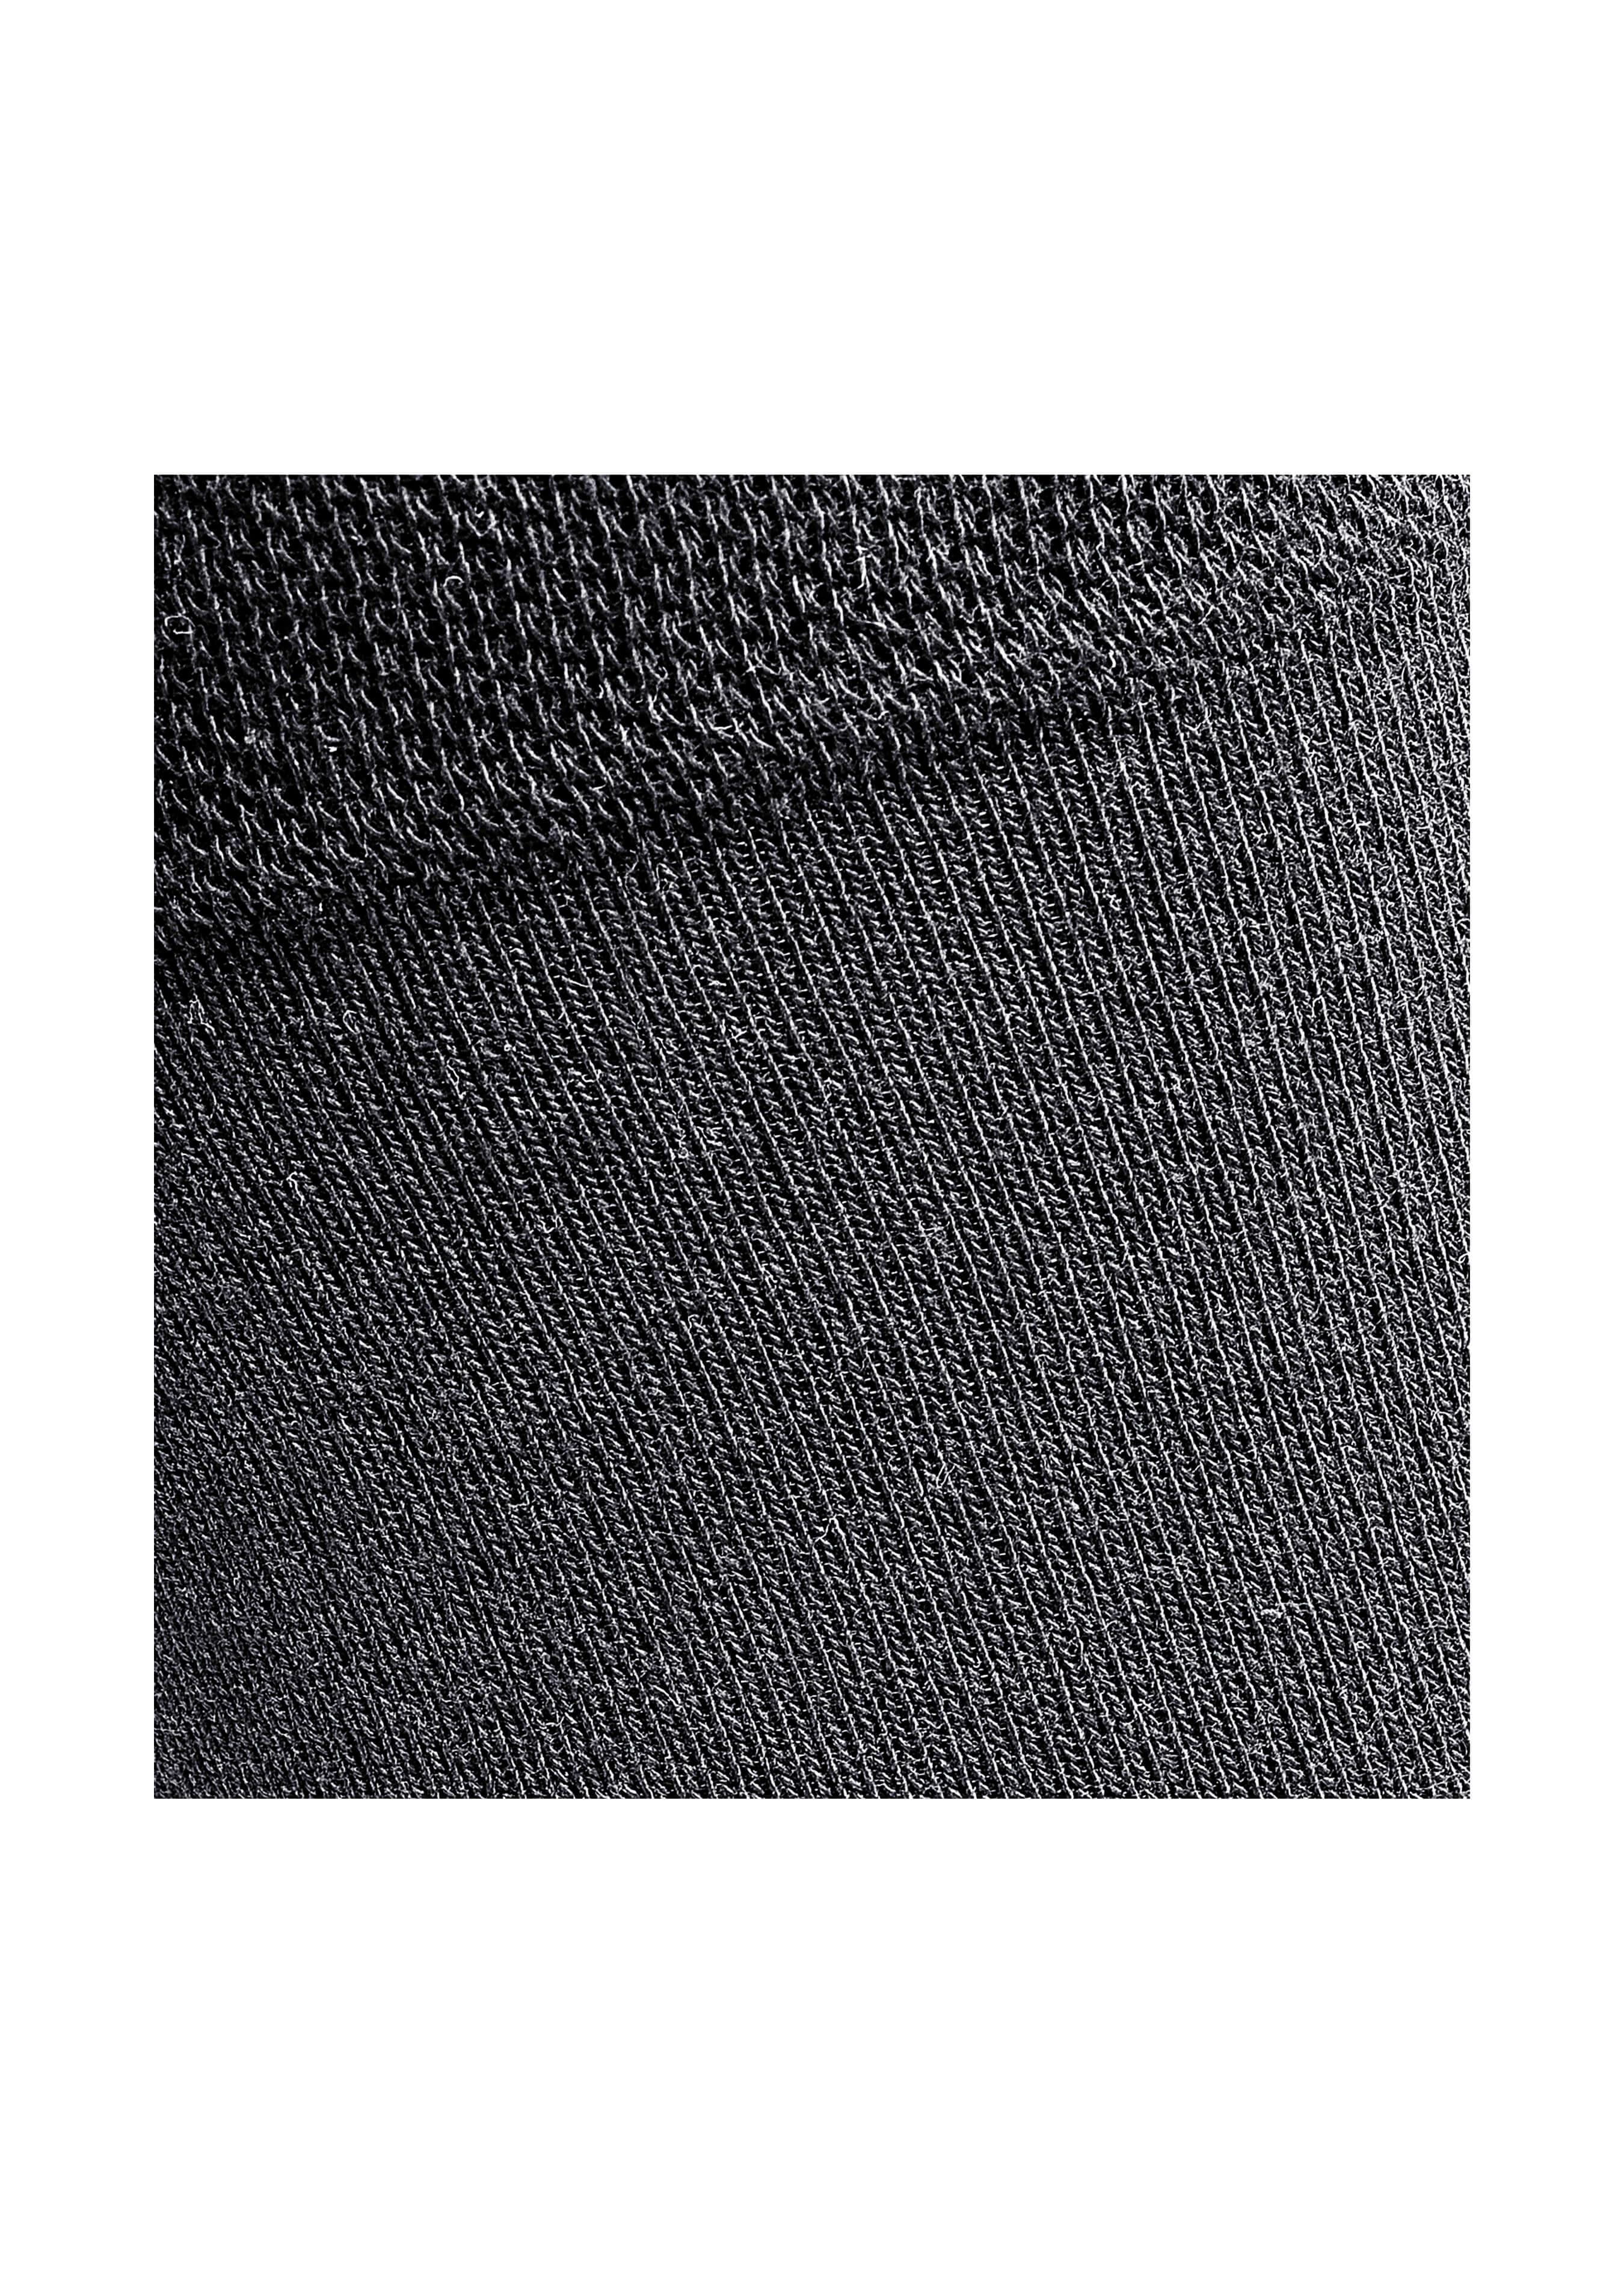 Chaussettes pour dames et messieurs, 10 paires L1913438 3